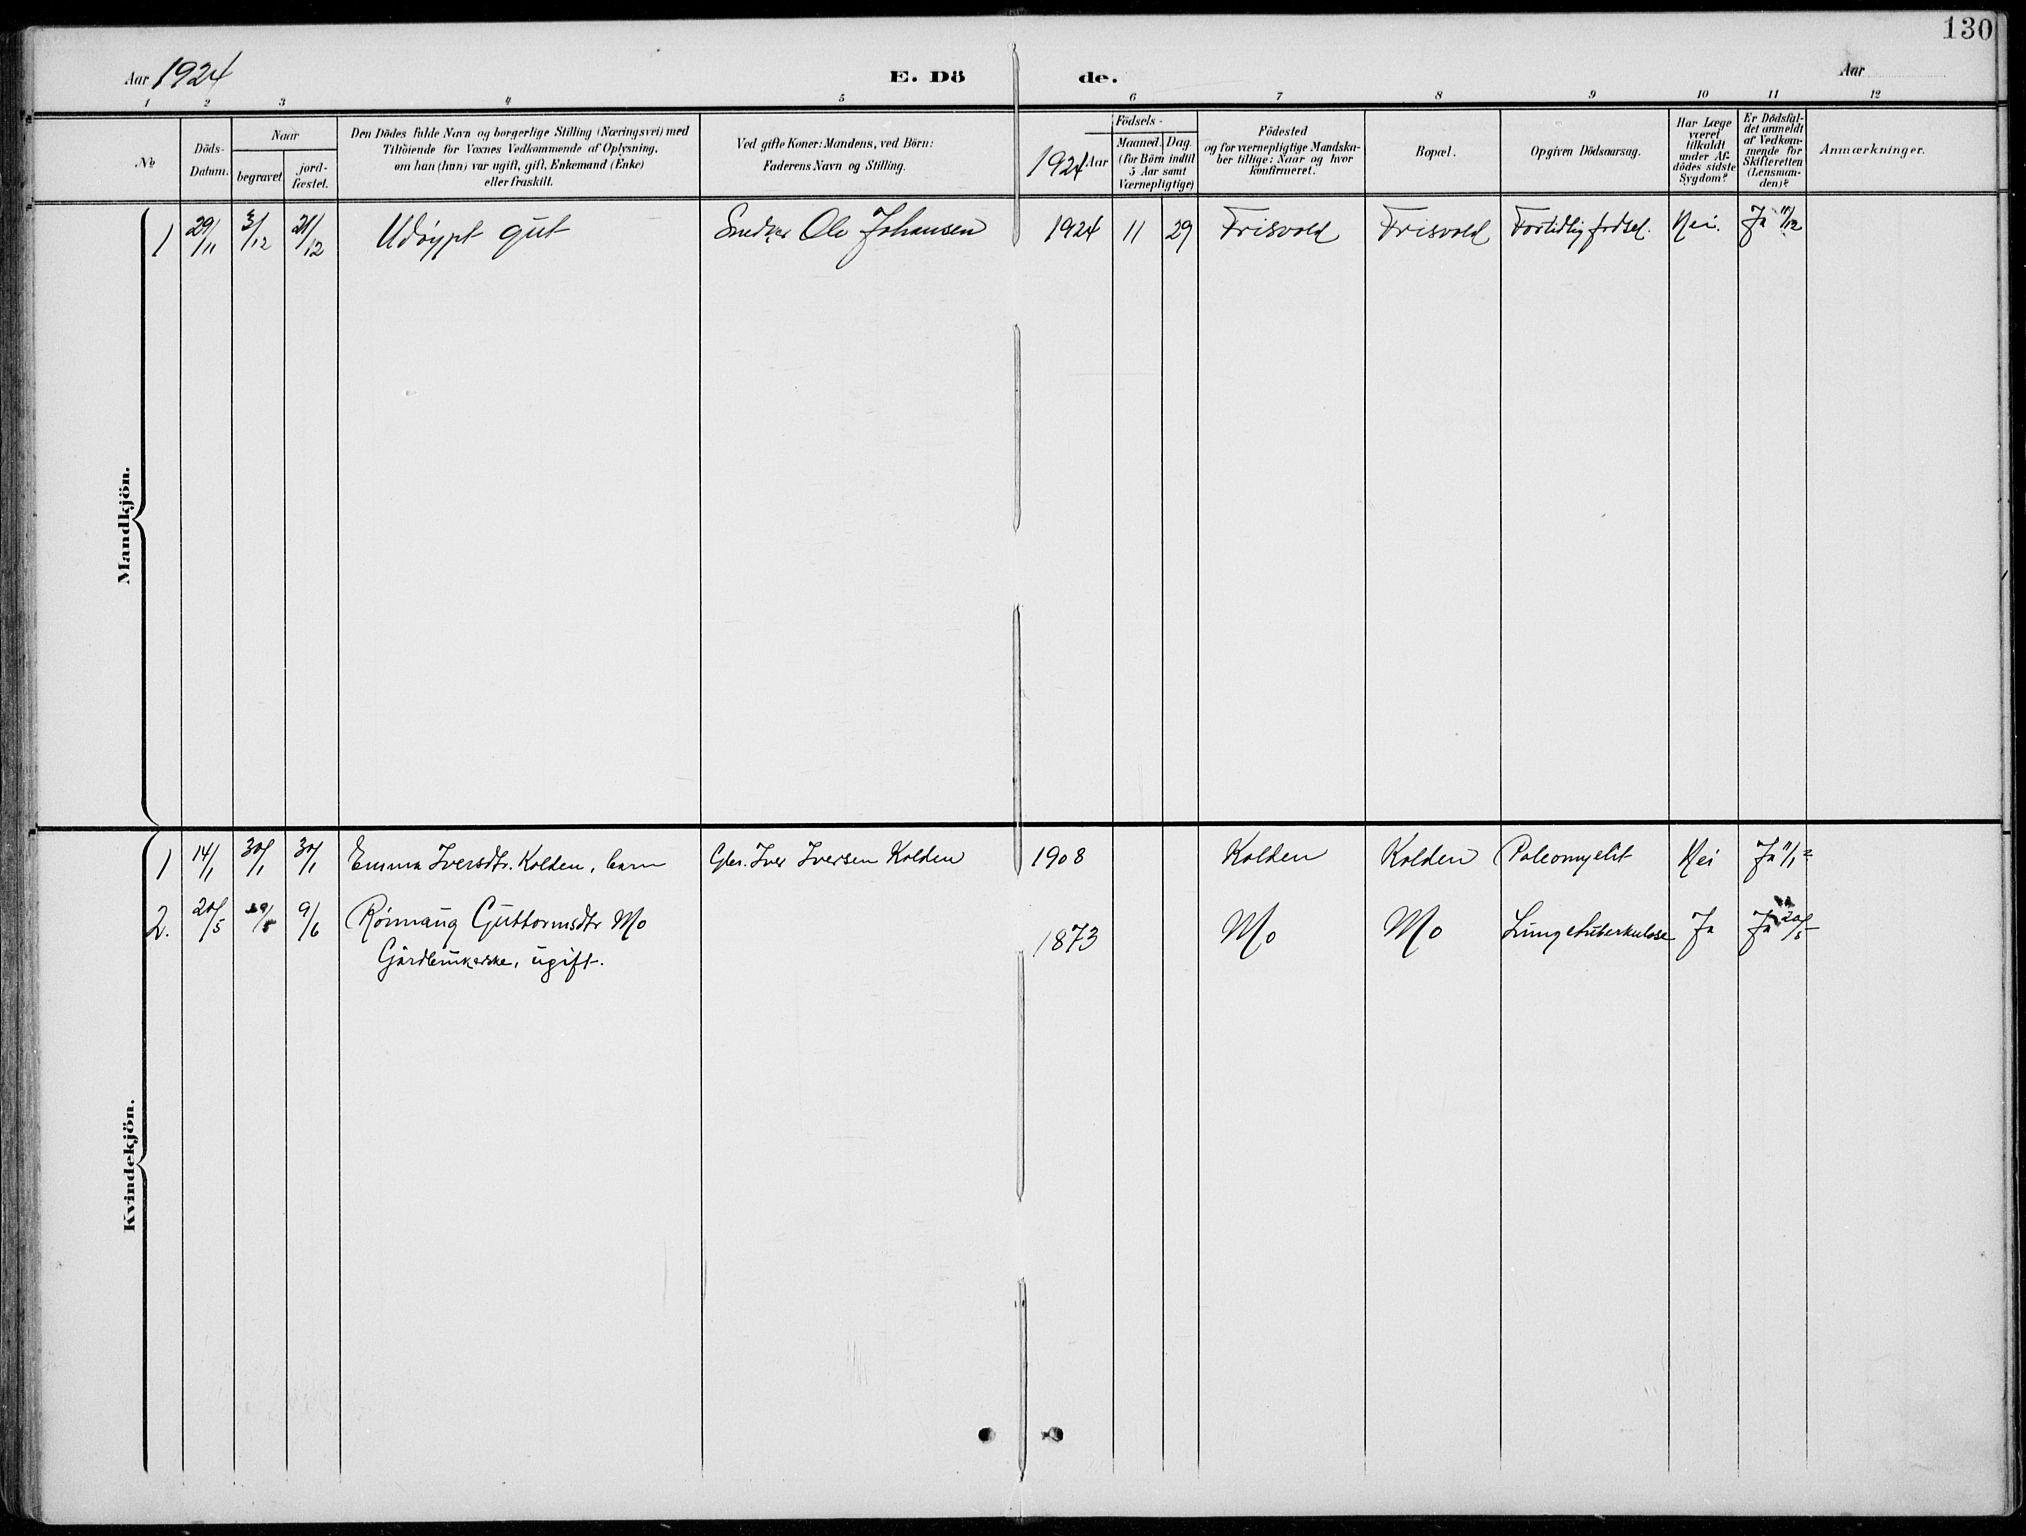 SAH, Lom prestekontor, L/L0006: Klokkerbok nr. 6, 1901-1939, s. 130